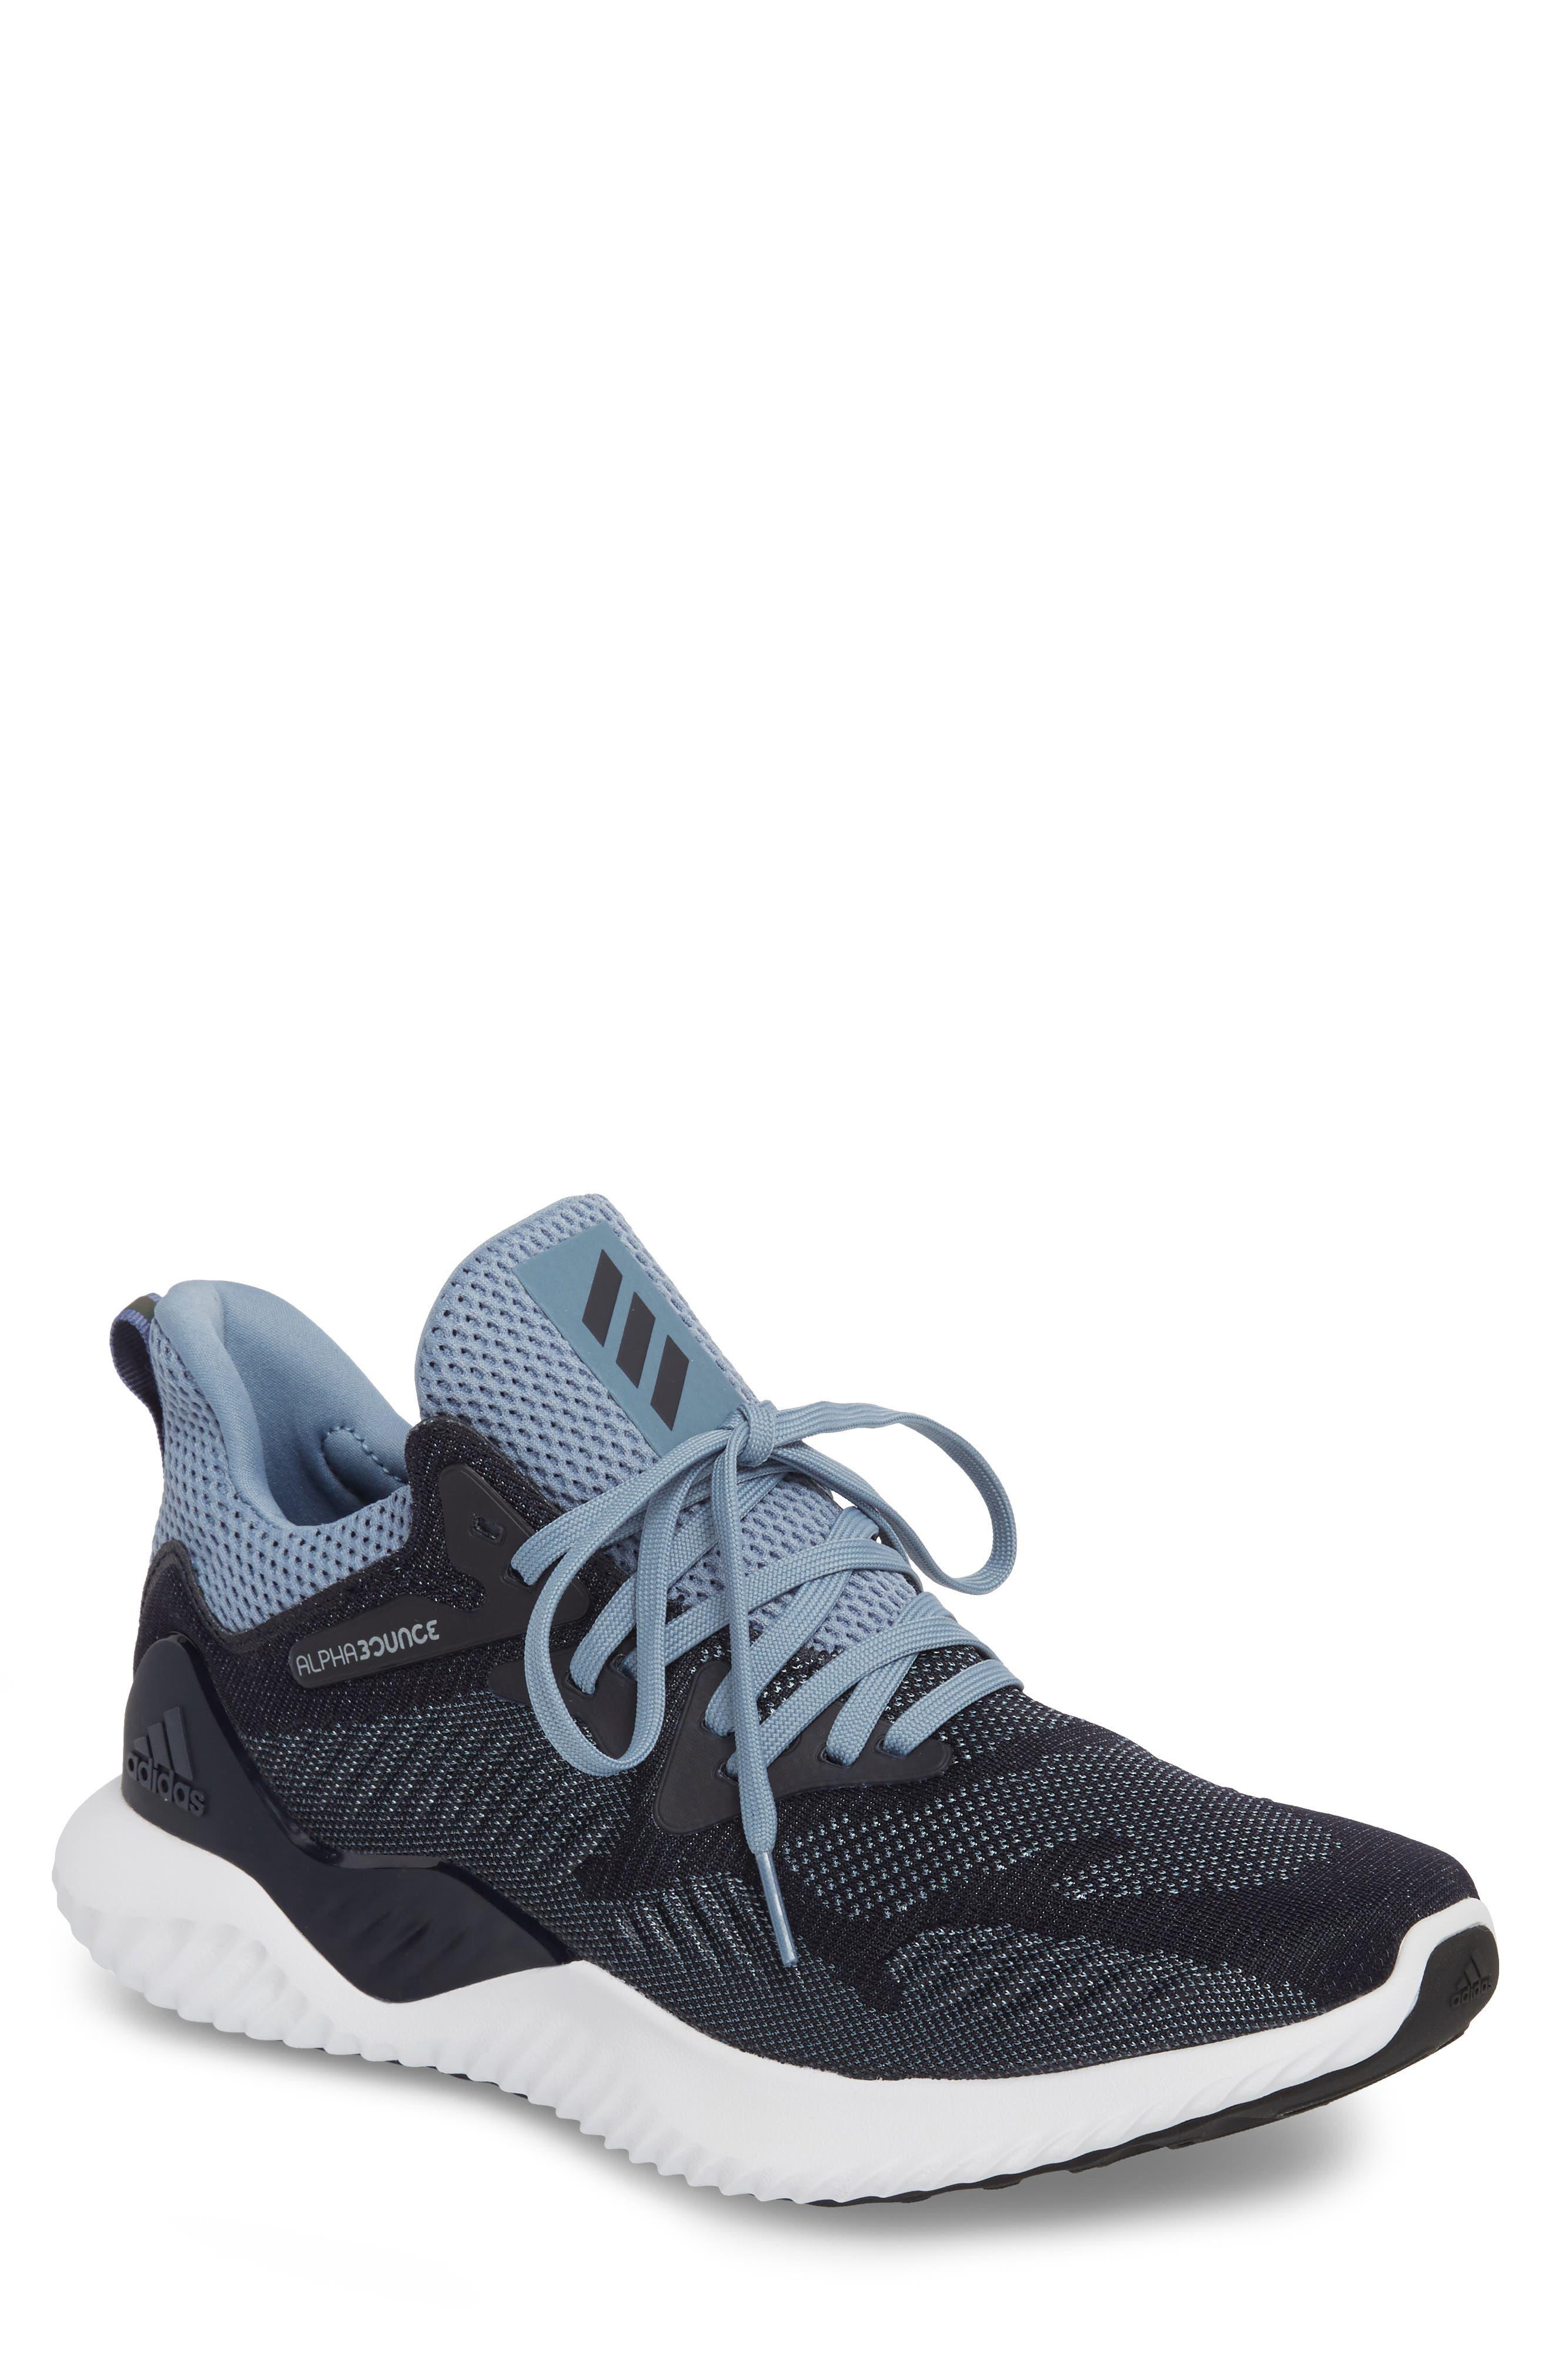 6d72b406c ADIDAS ORIGINALS Alphabounce Beyond Knit Running Shoe